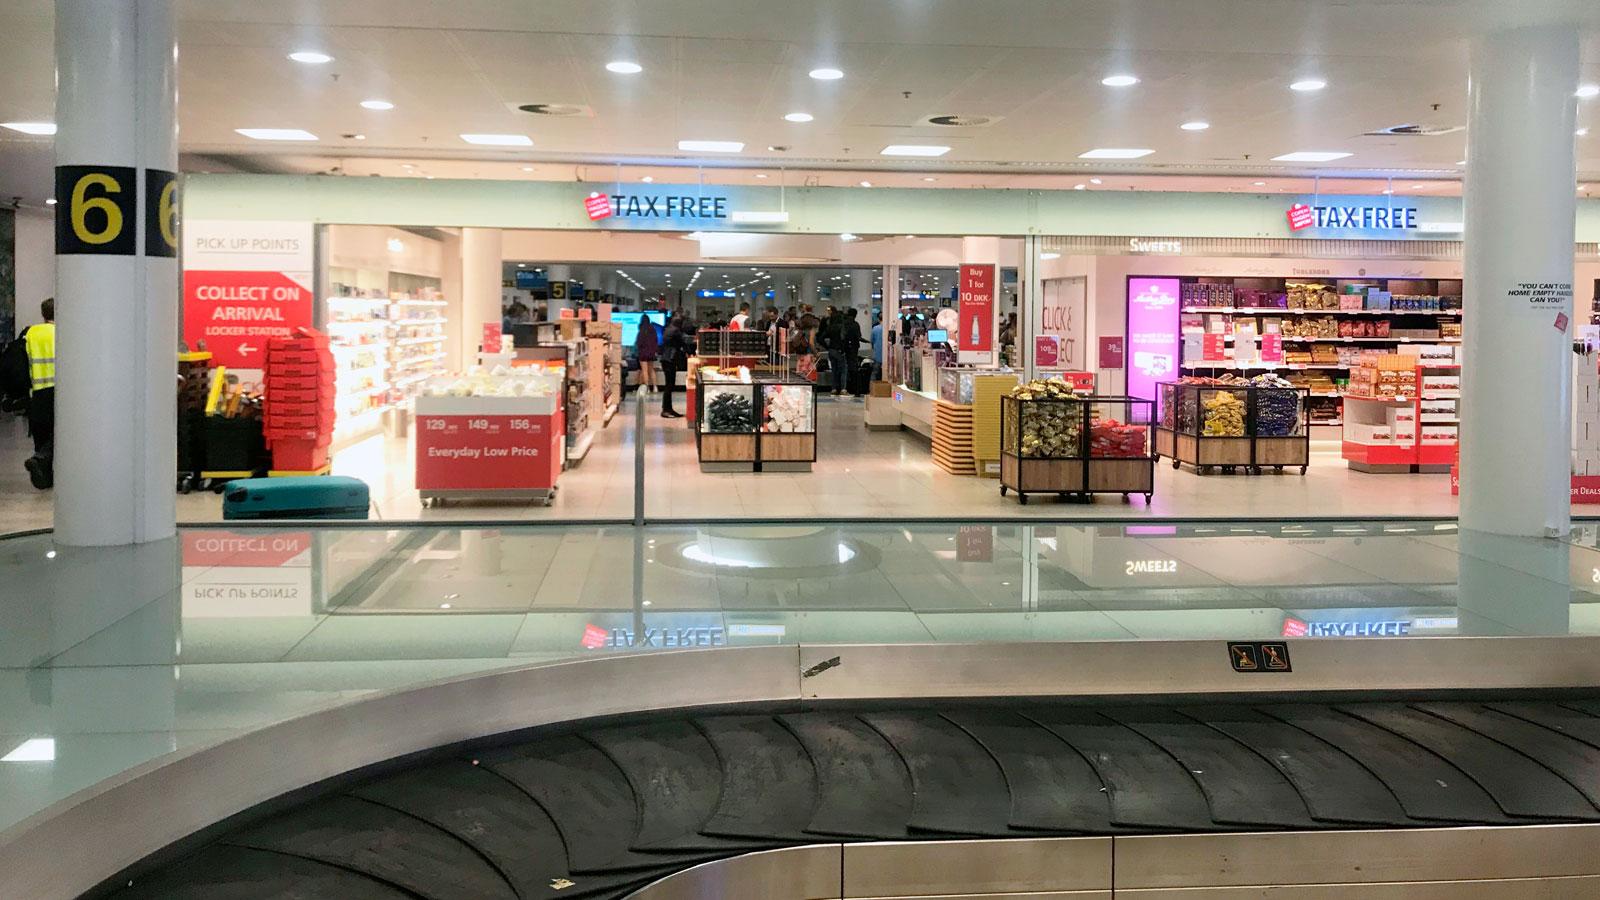 Lufthavn shop kastrup Duty Free